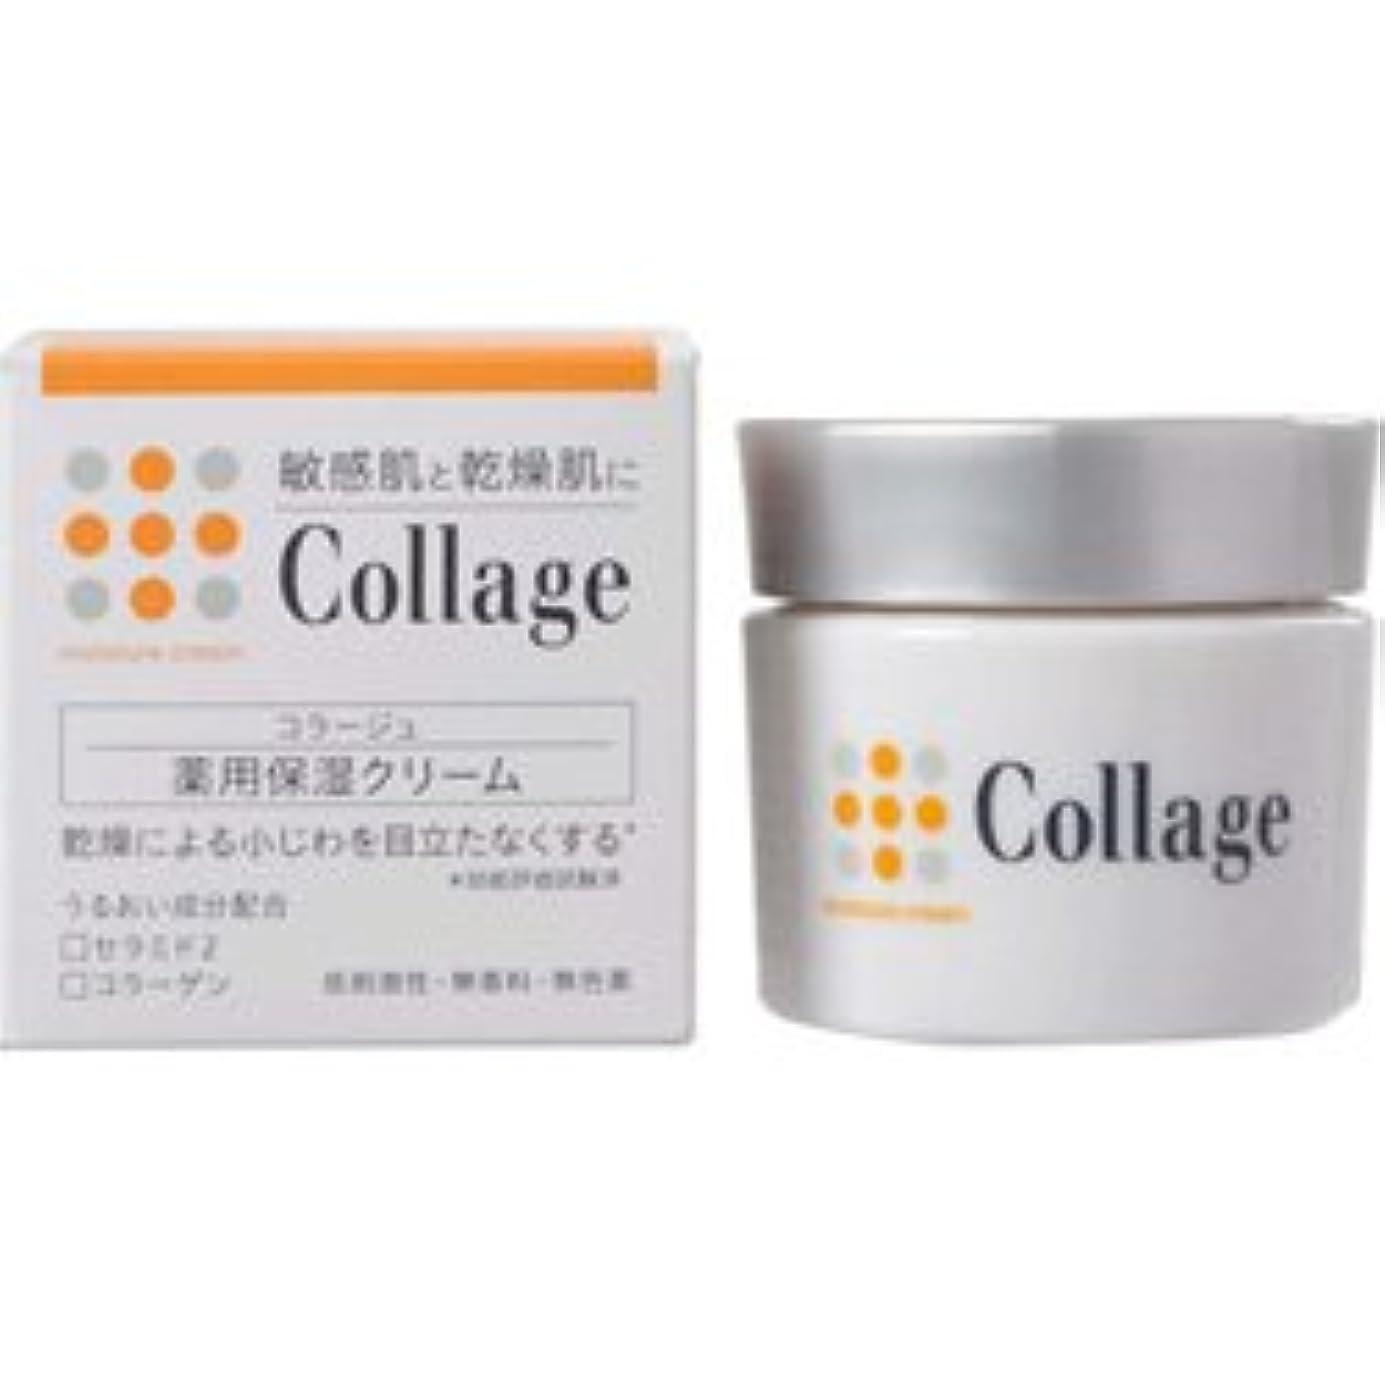 ピンチ基礎見ました【持田ヘルスケア】 コラージュ薬用保湿クリーム 30g (医薬部外品) ×3個セット